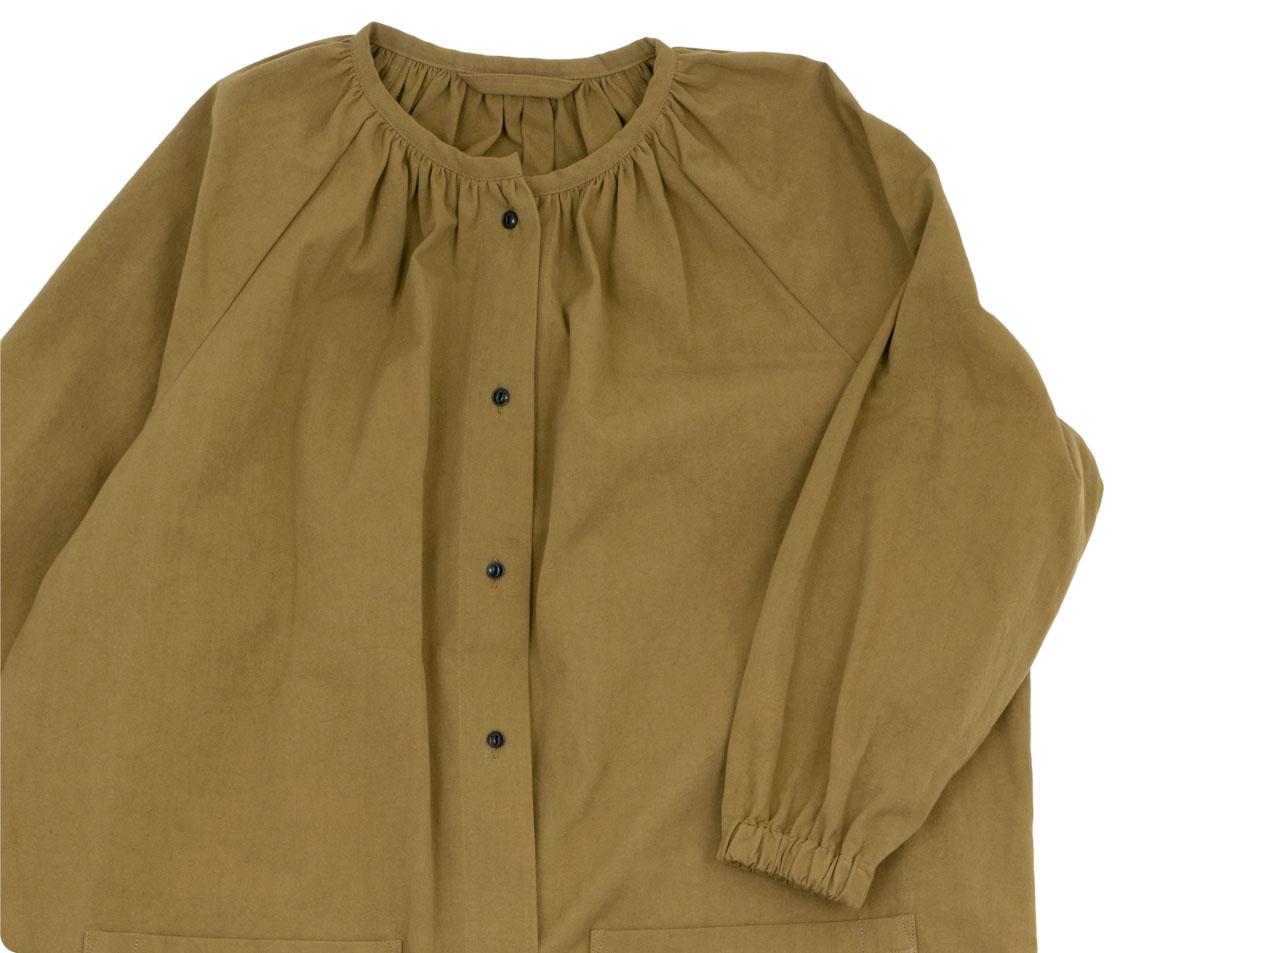 Atelier d'antan Rousseau(ルソー) atelier coat